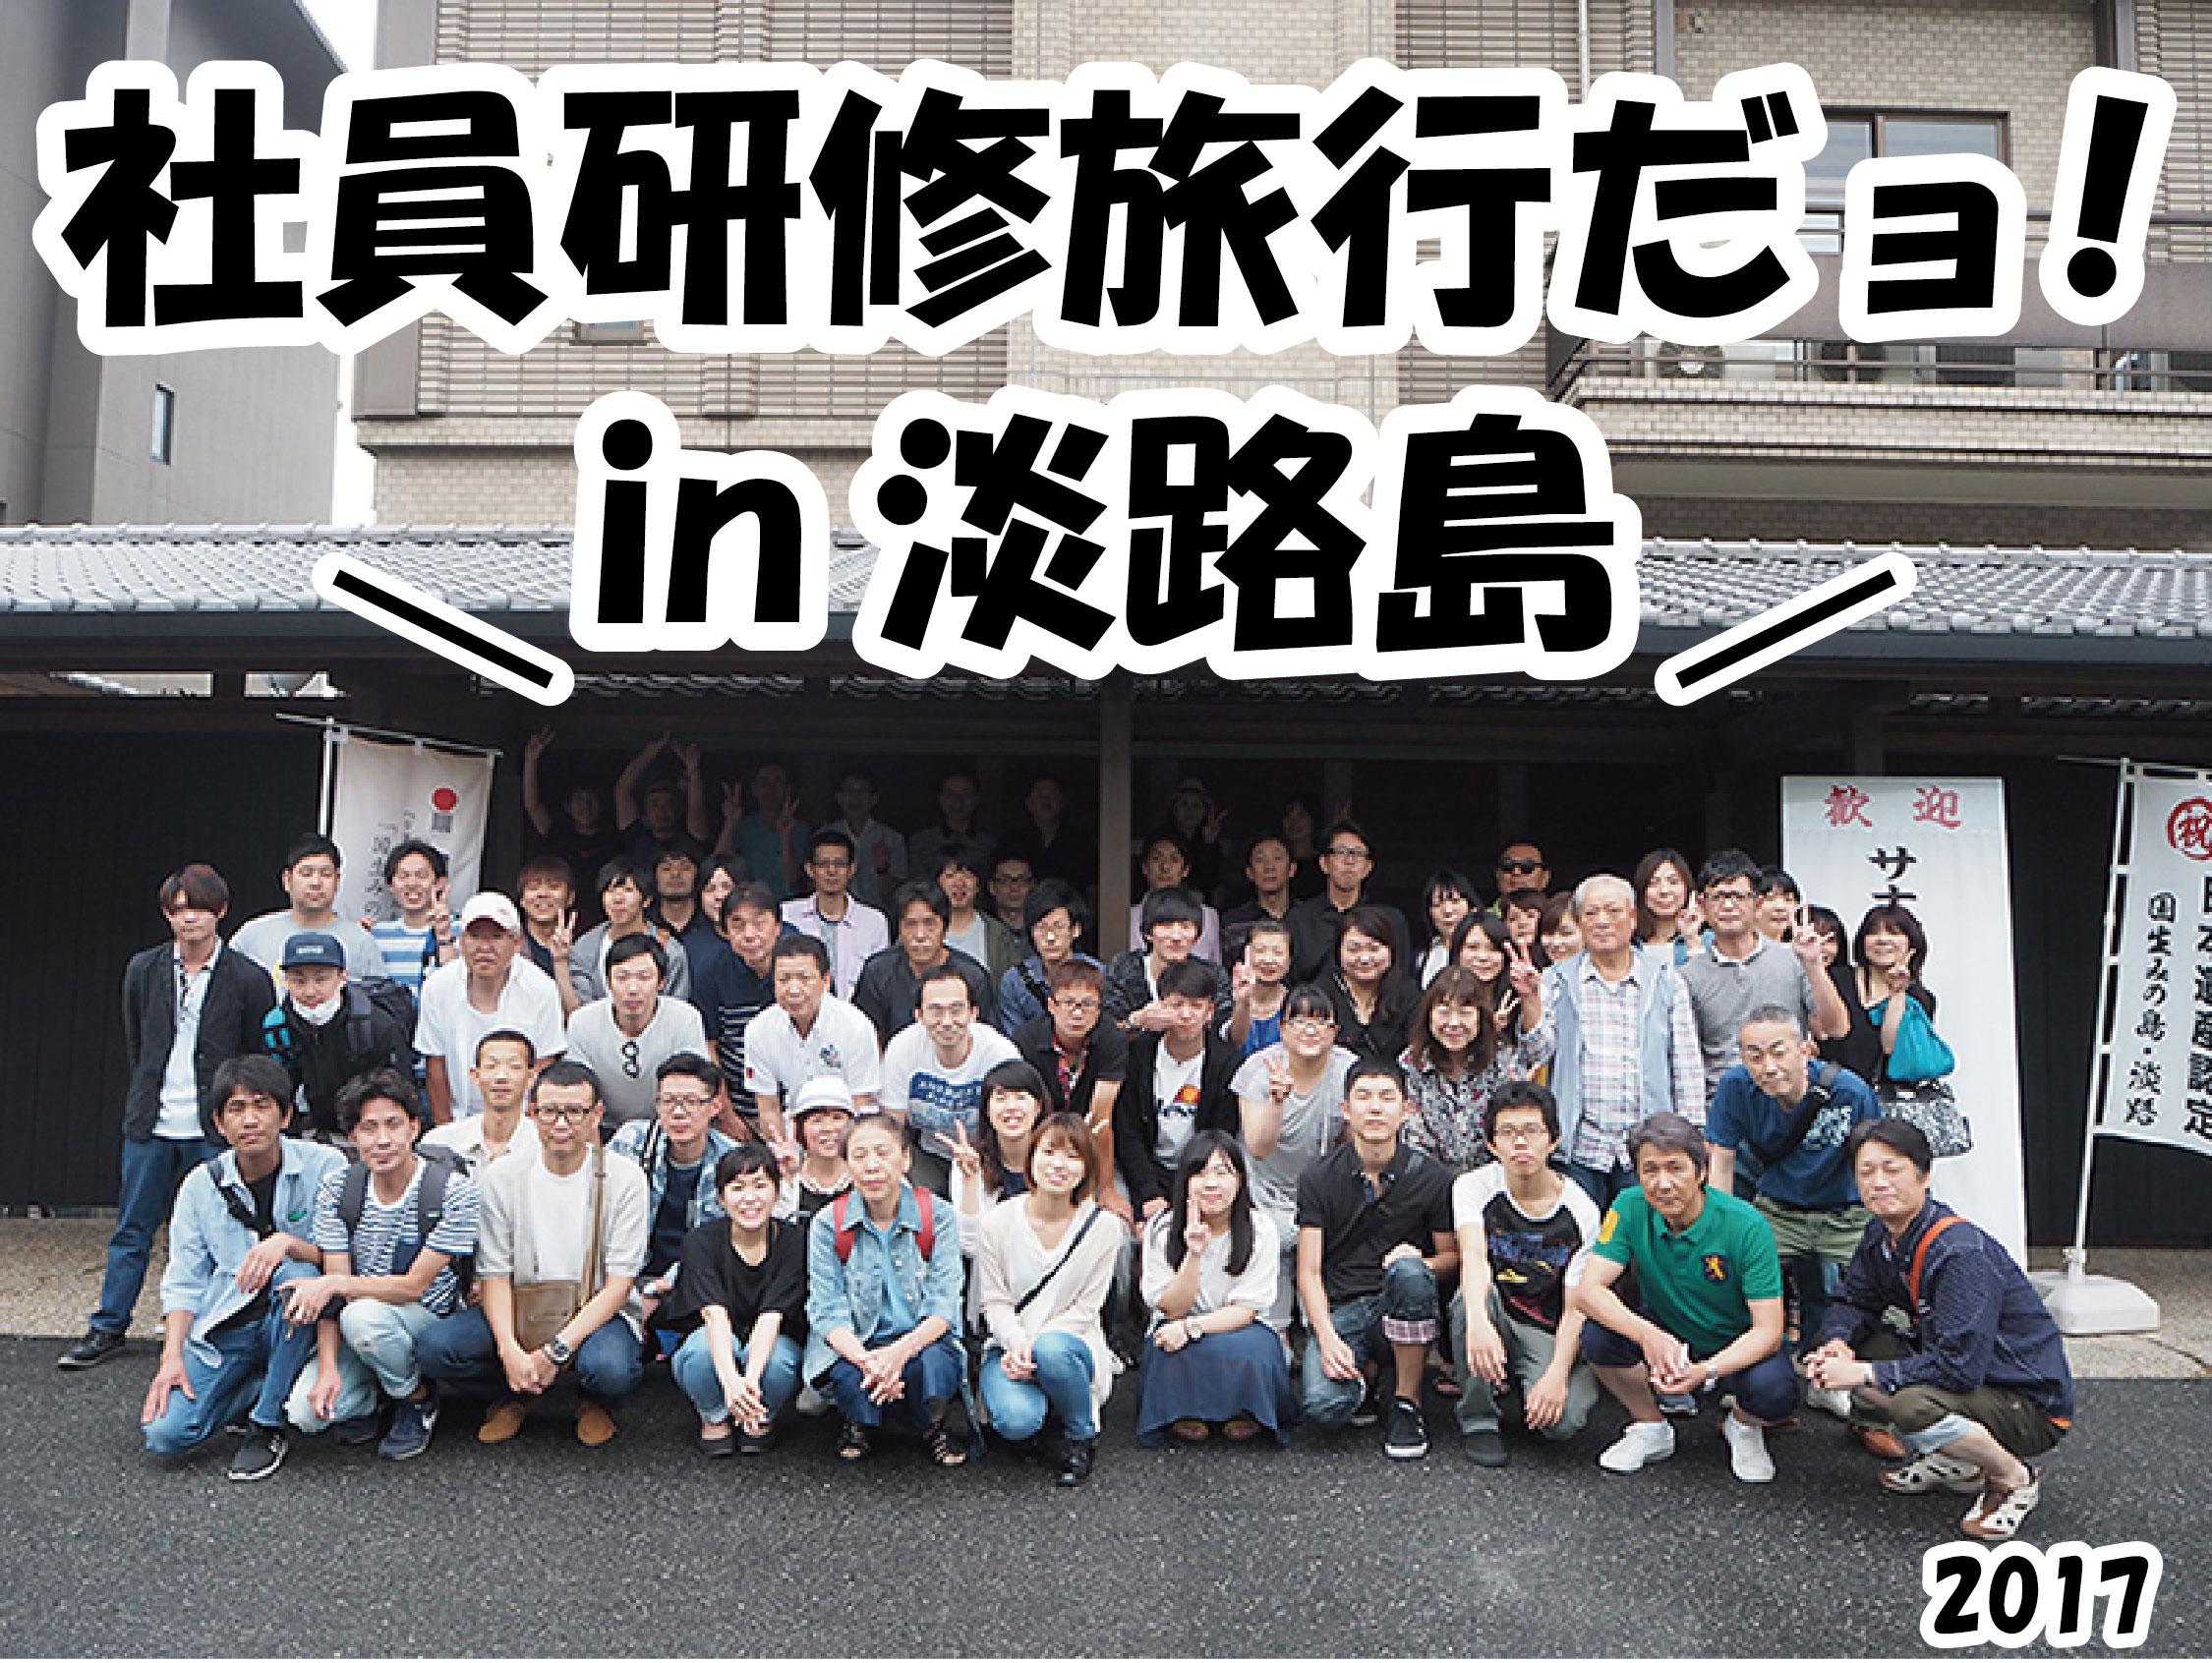 社員研修旅行in淡路島